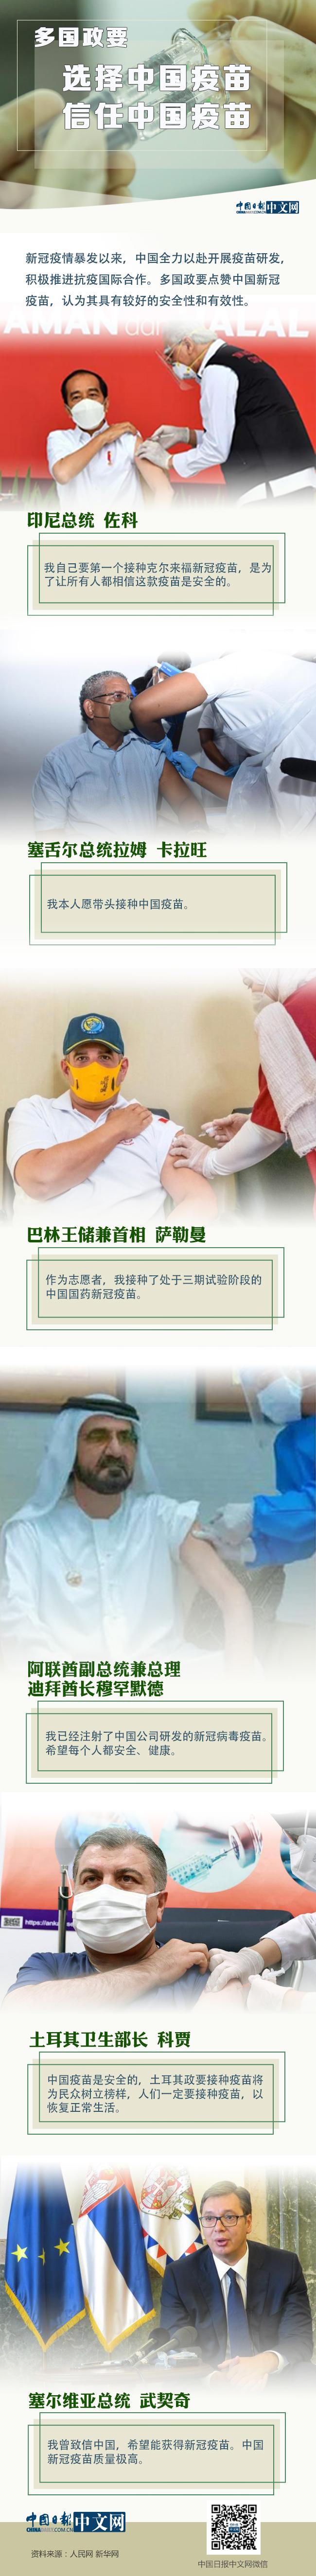 图解 | 多国政要选择中国疫苗 信任中国疫苗